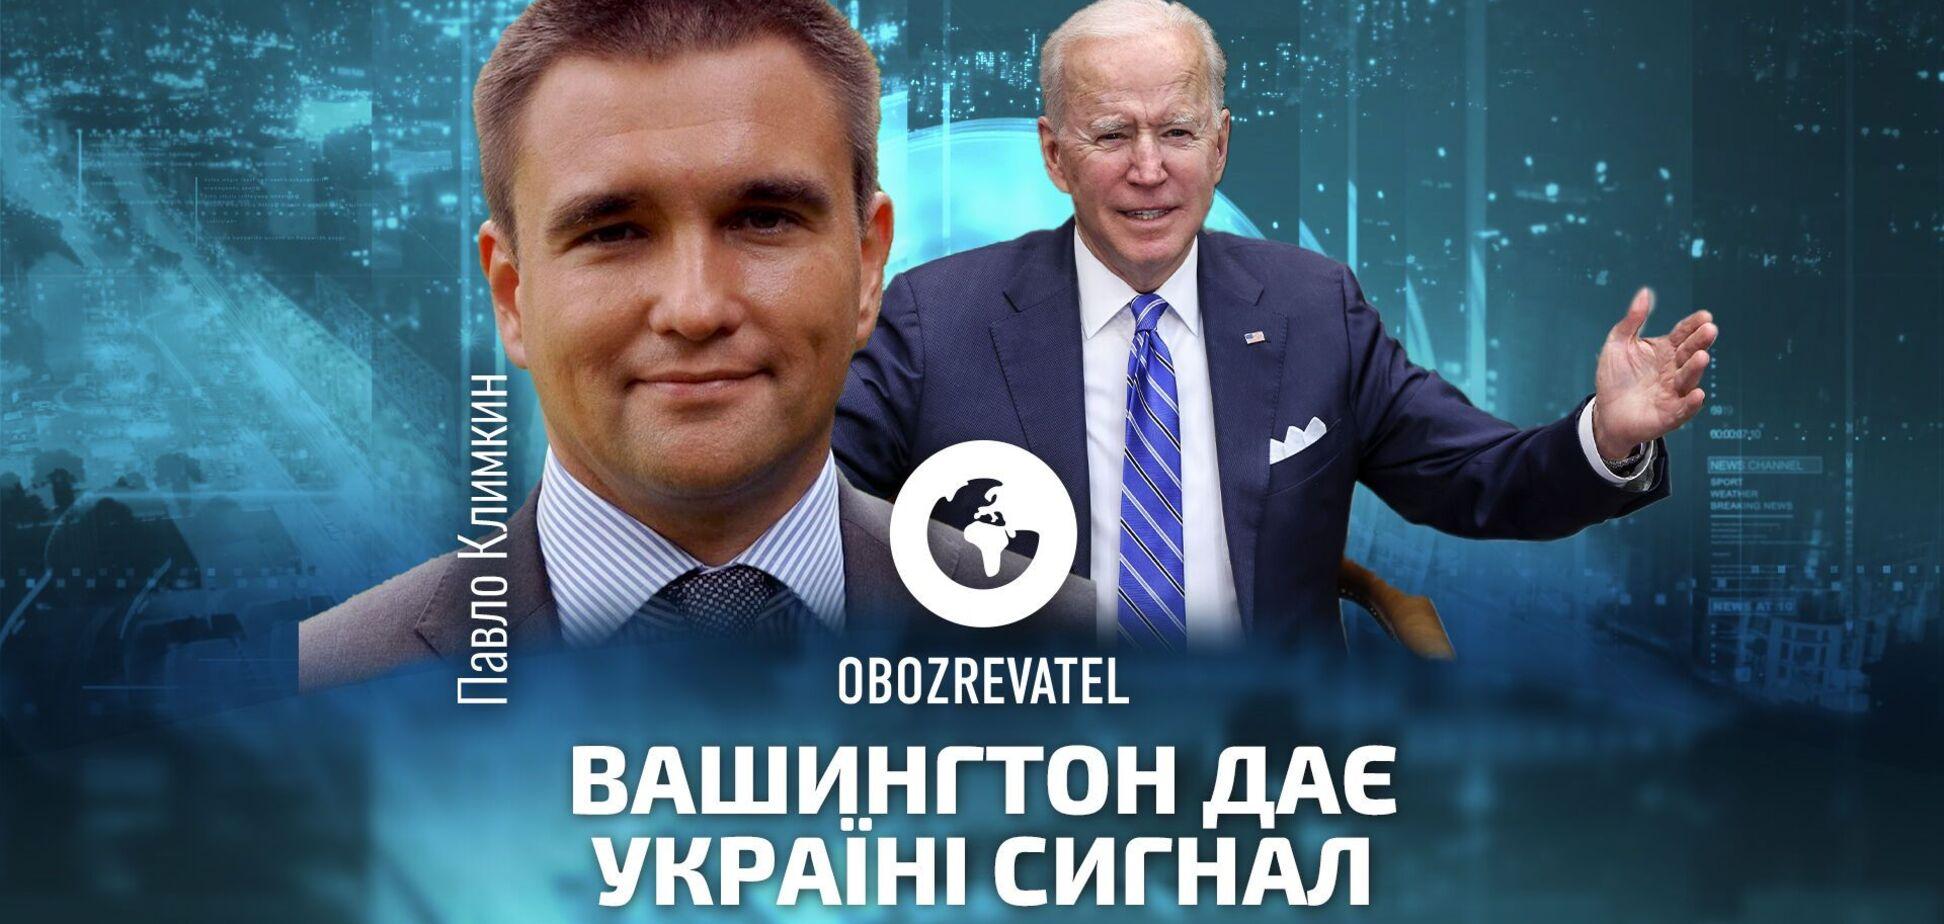 Клімкін: Вашингтон дає Україні сигнал